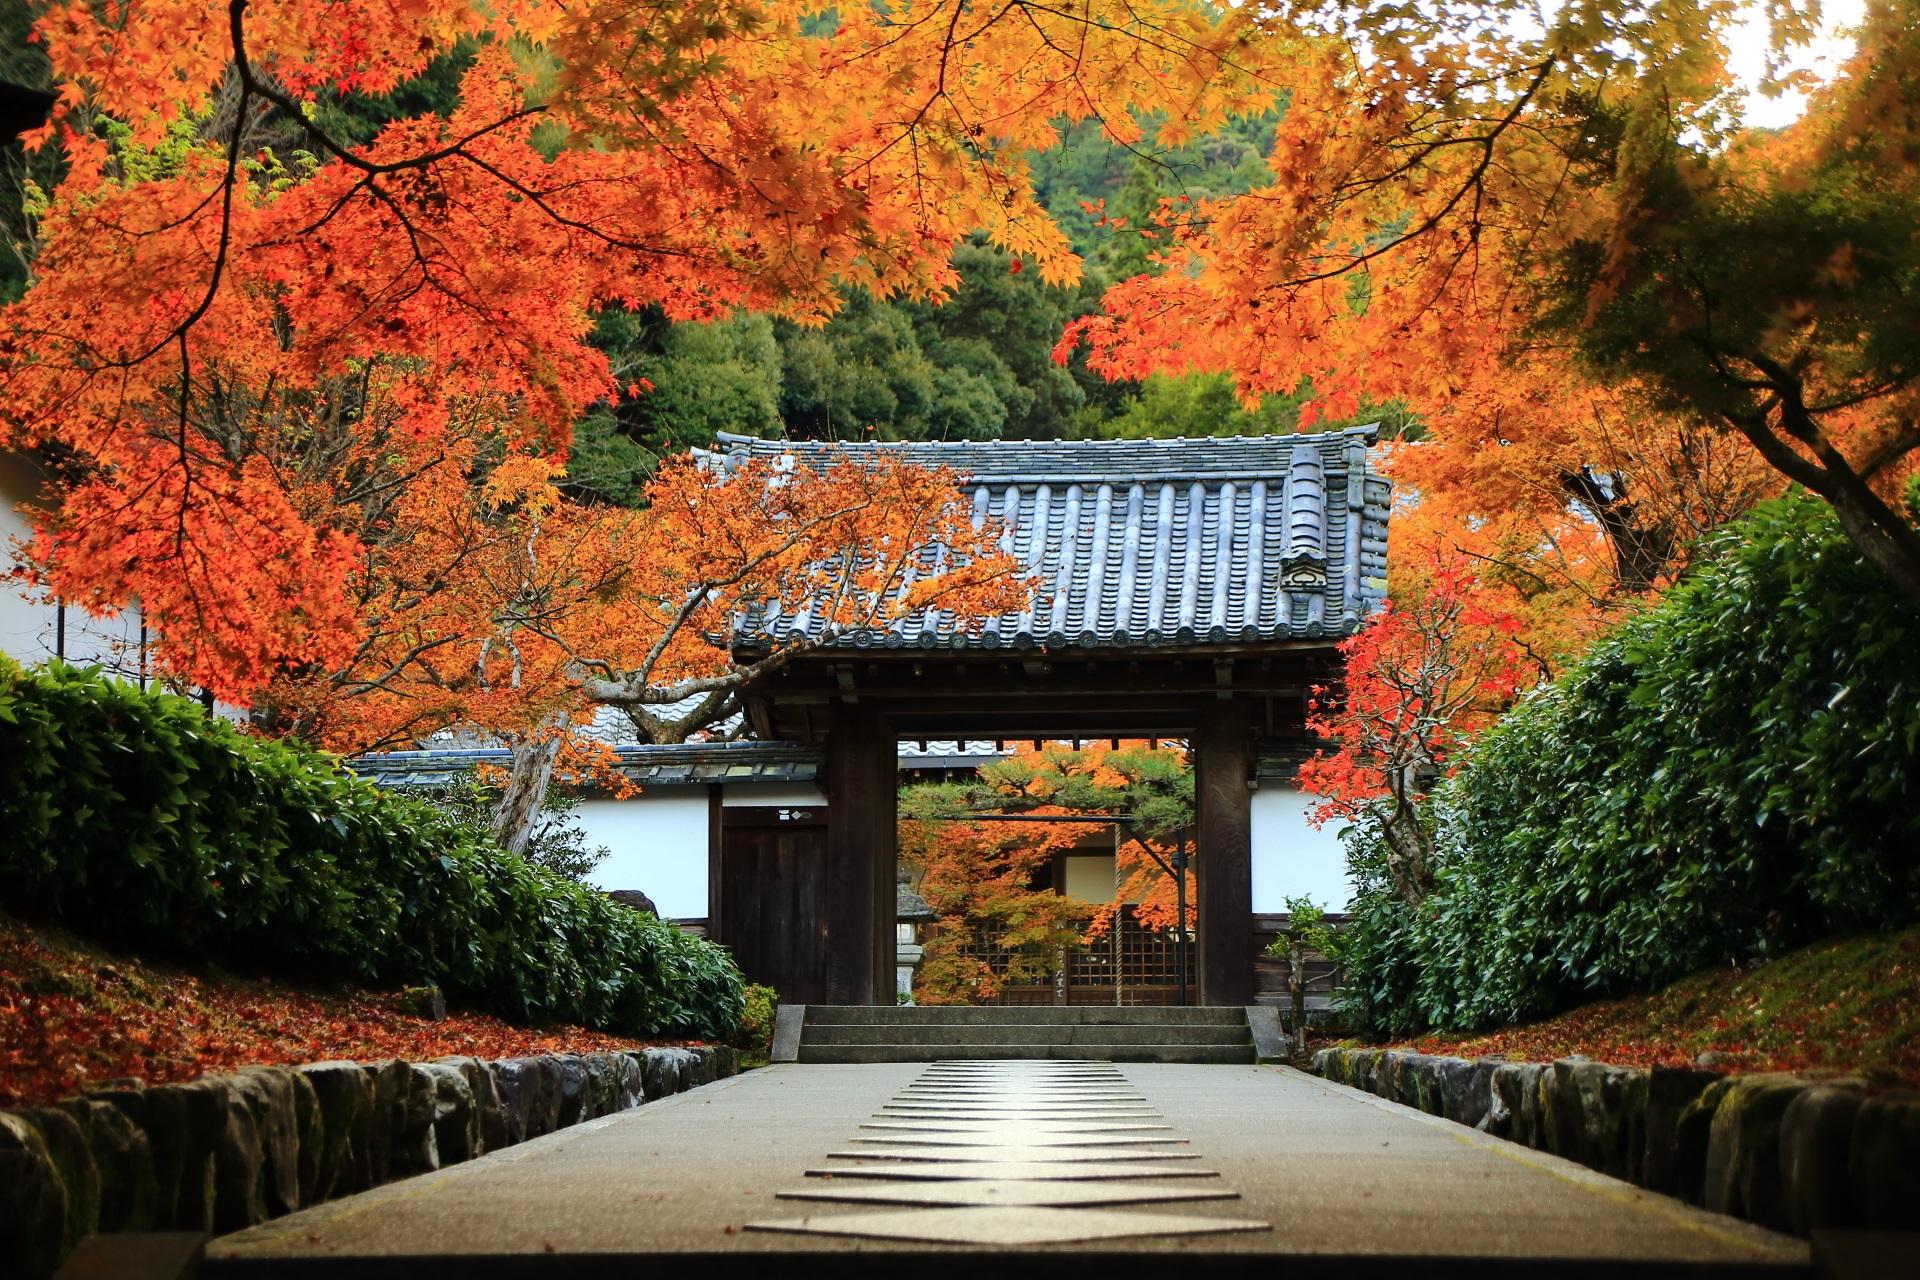 最勝院の絵になりすぎる山門前の参道と紅葉